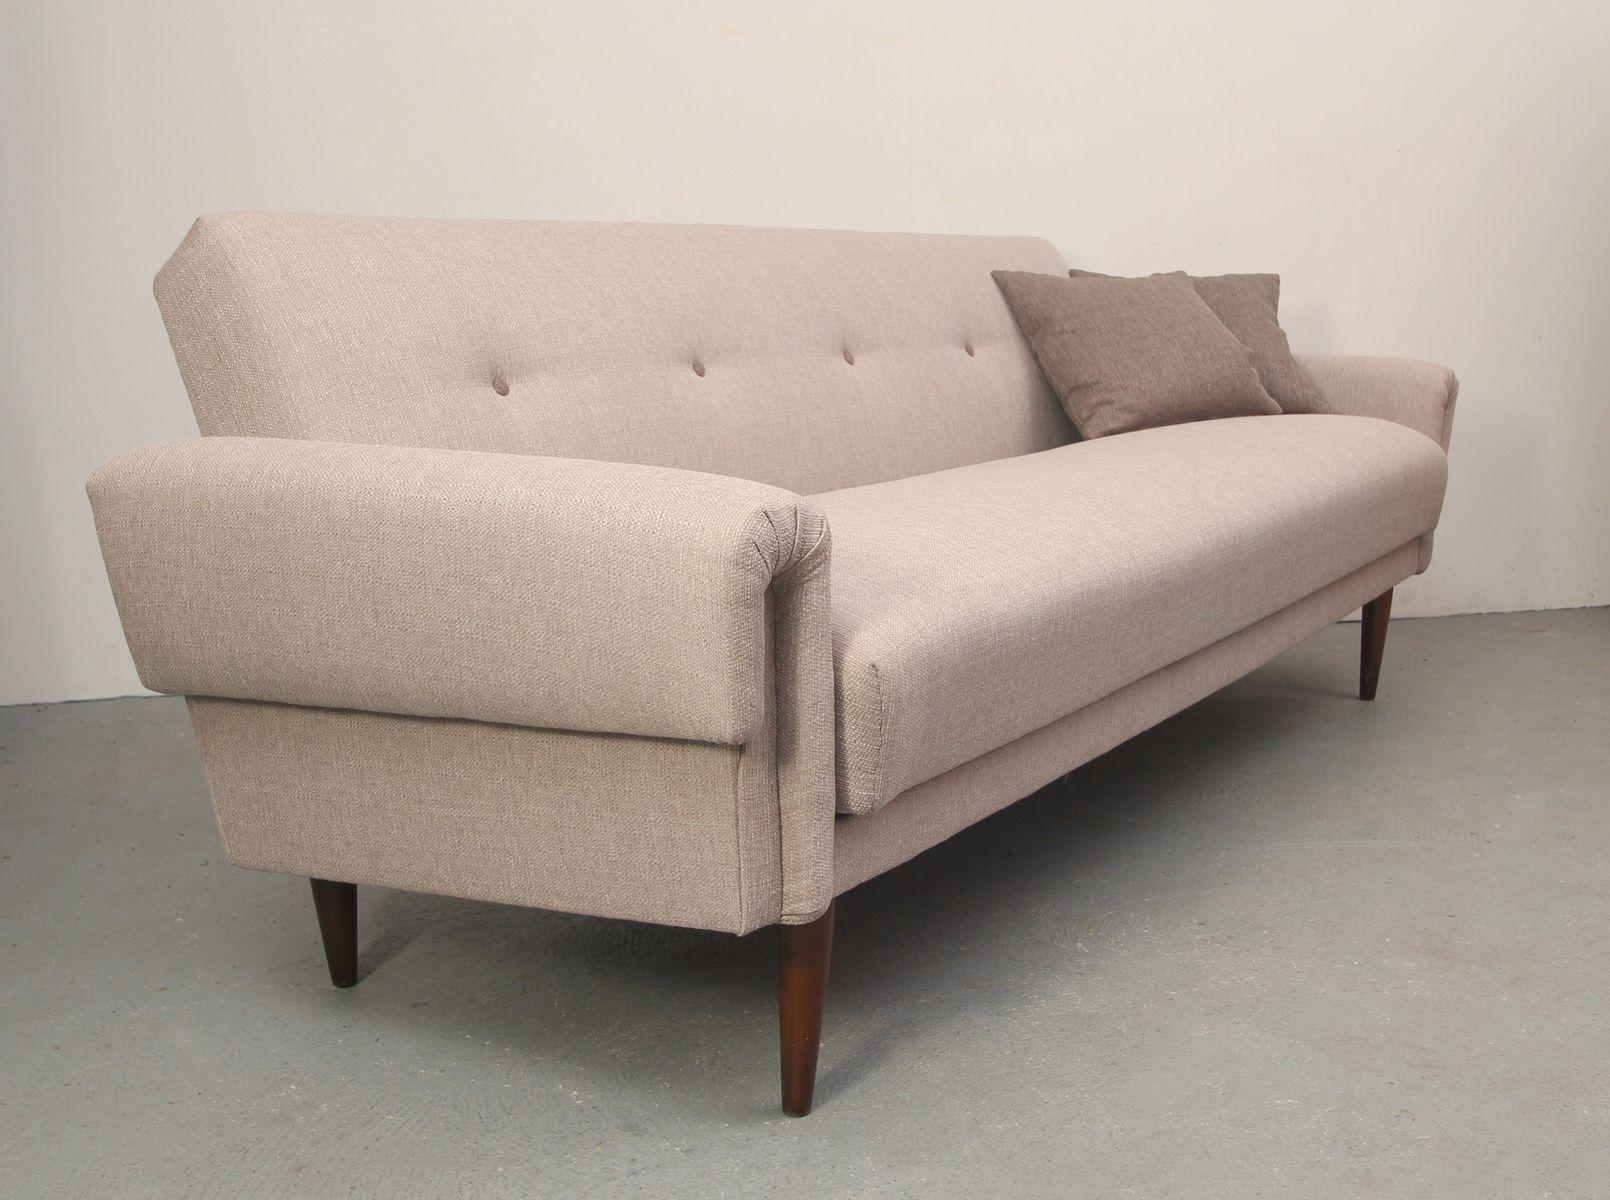 german light beige daybed 1950s for sale at pamono. Black Bedroom Furniture Sets. Home Design Ideas